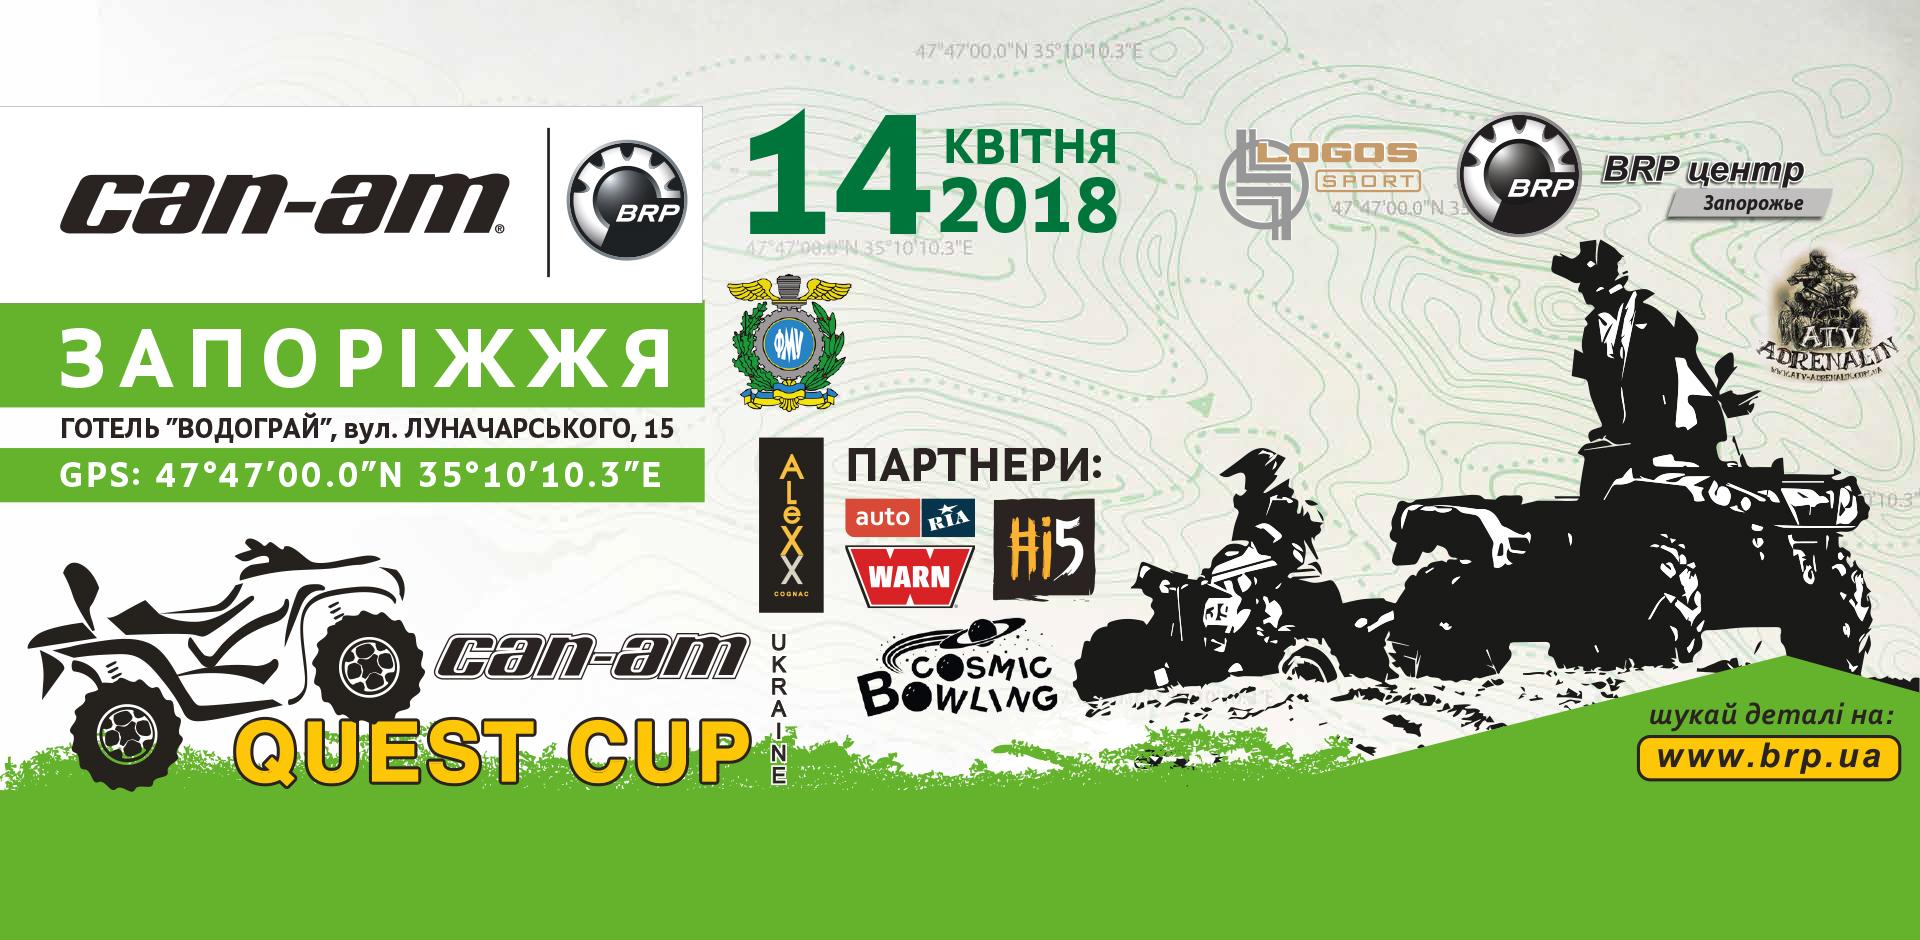 14/04 – 1-й етап серії «CAN-AM QUEST CUP 2018»! Запоріжжя.